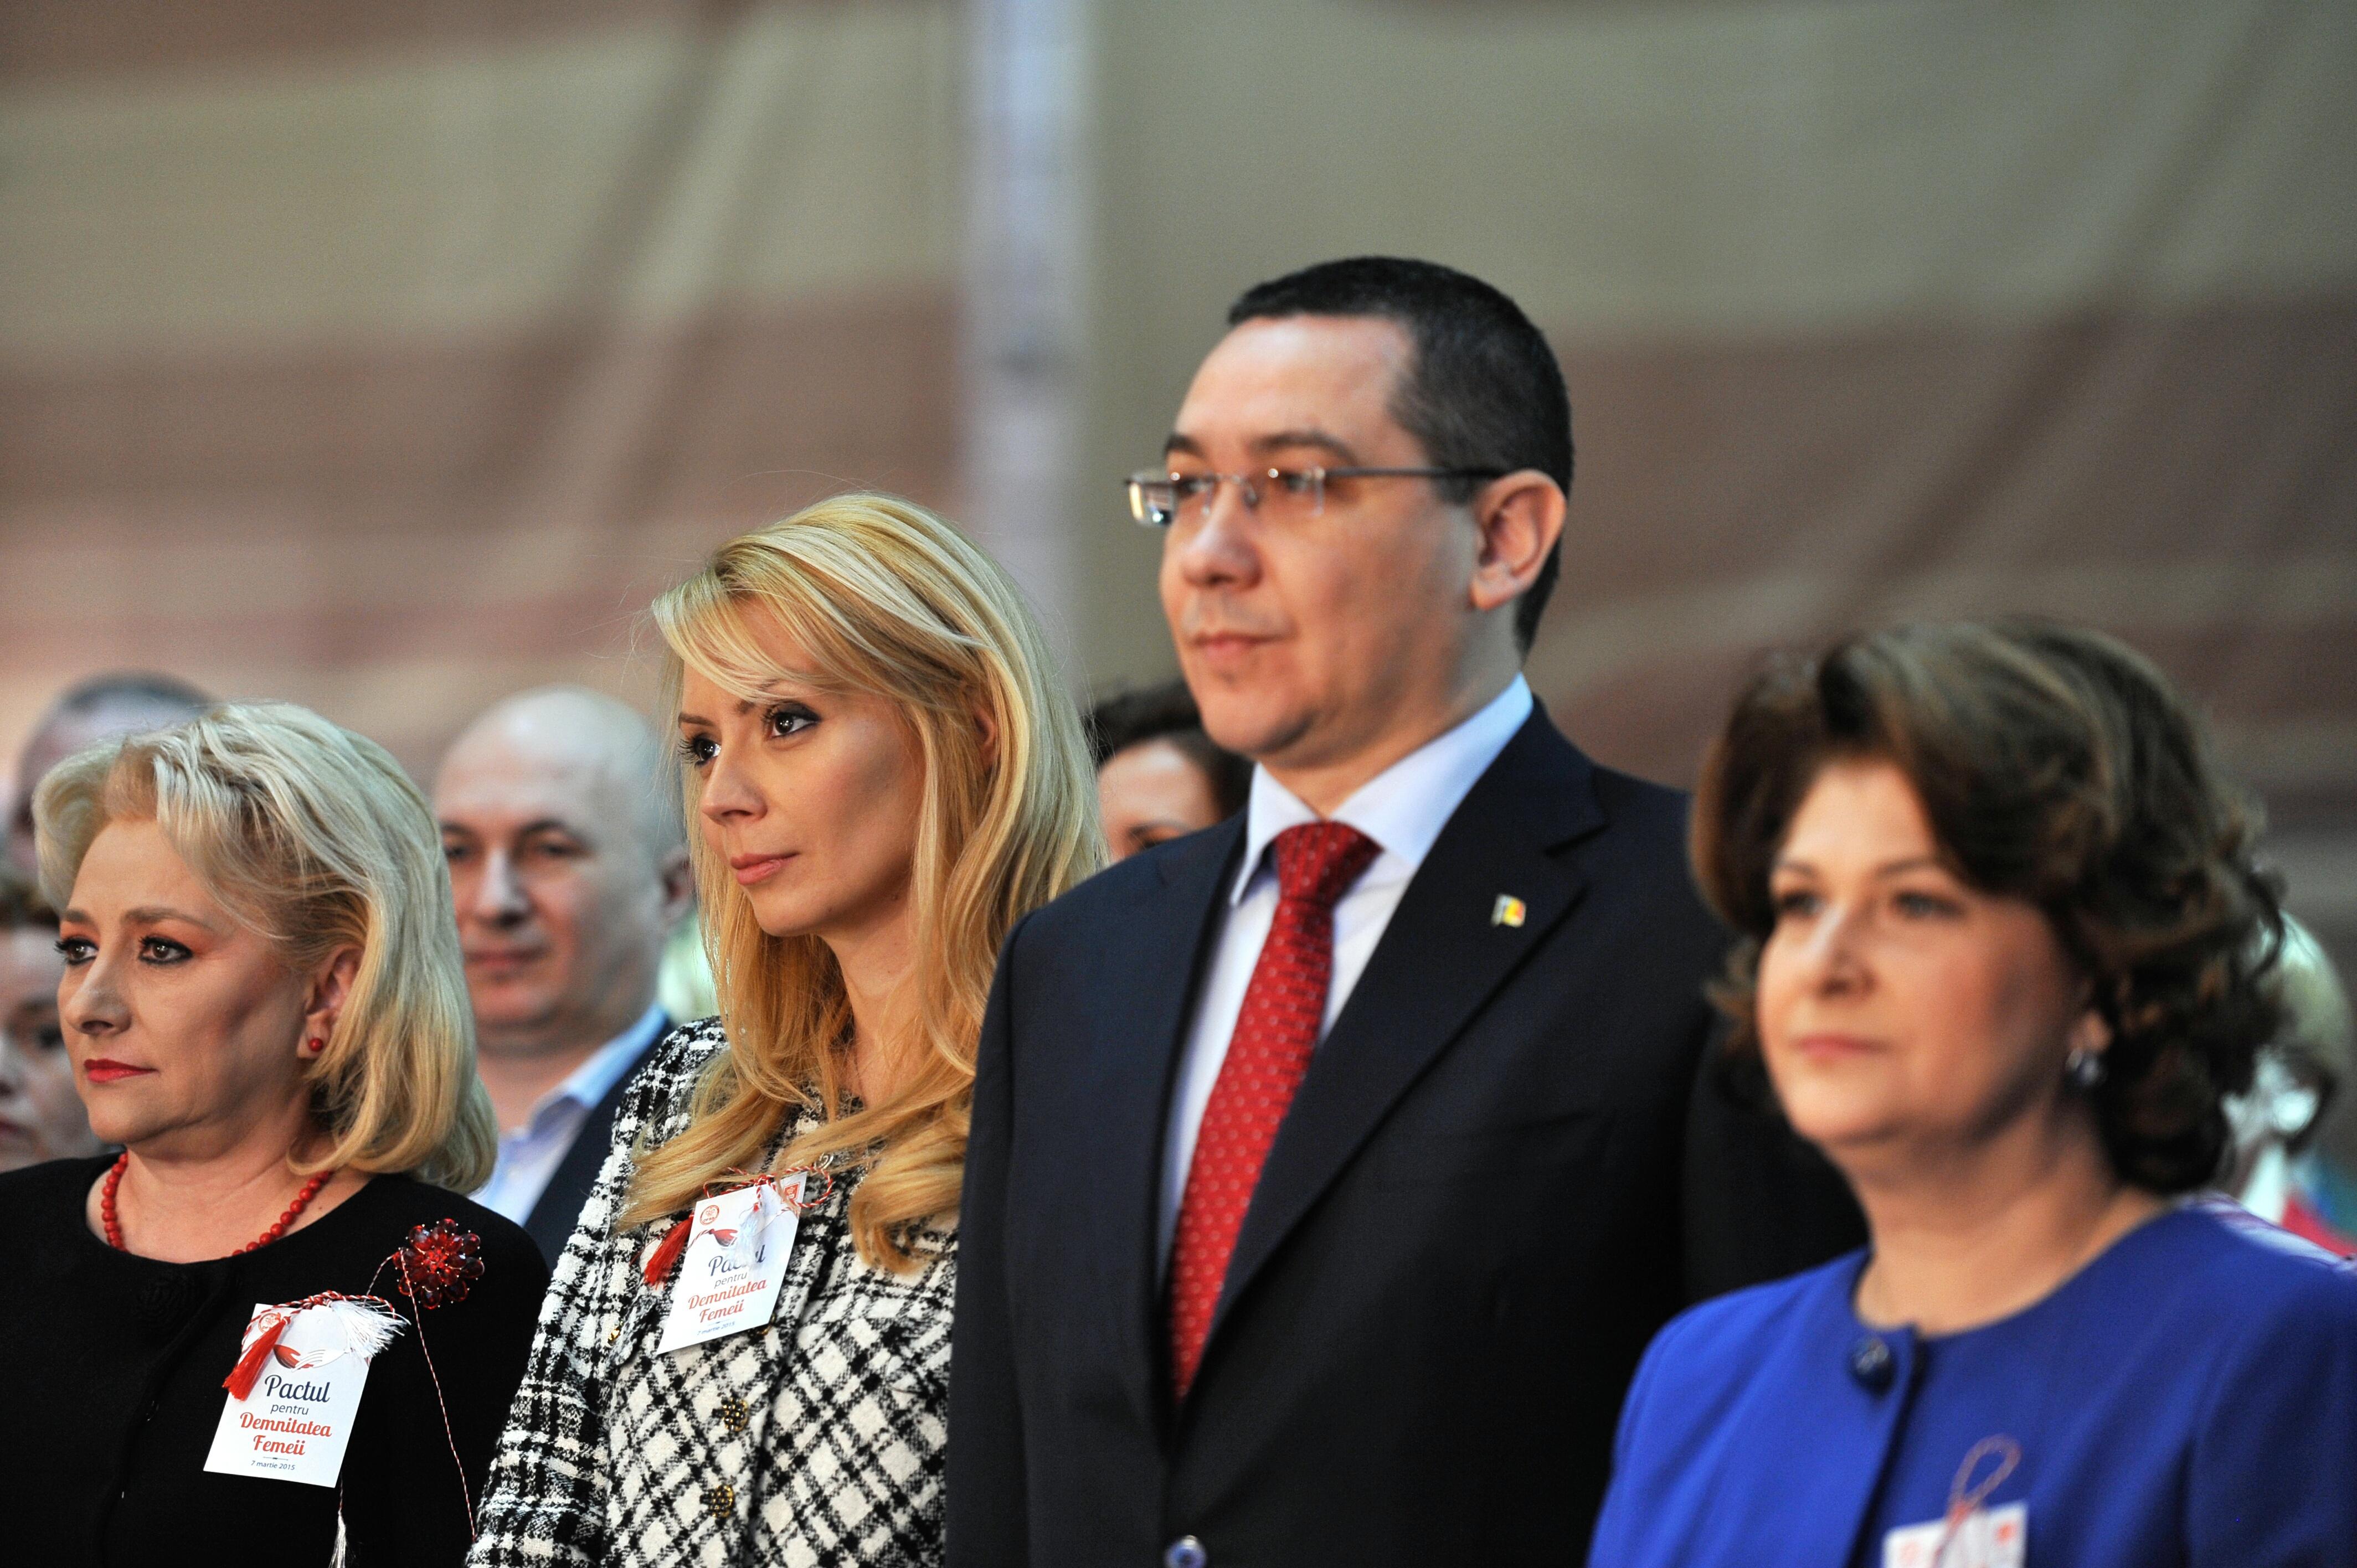 De data asta, Ponta s-a intrecut pe el insusi. Mesajul INCREDIBIL transmis FEMEILOR din politica aflate in puscarie